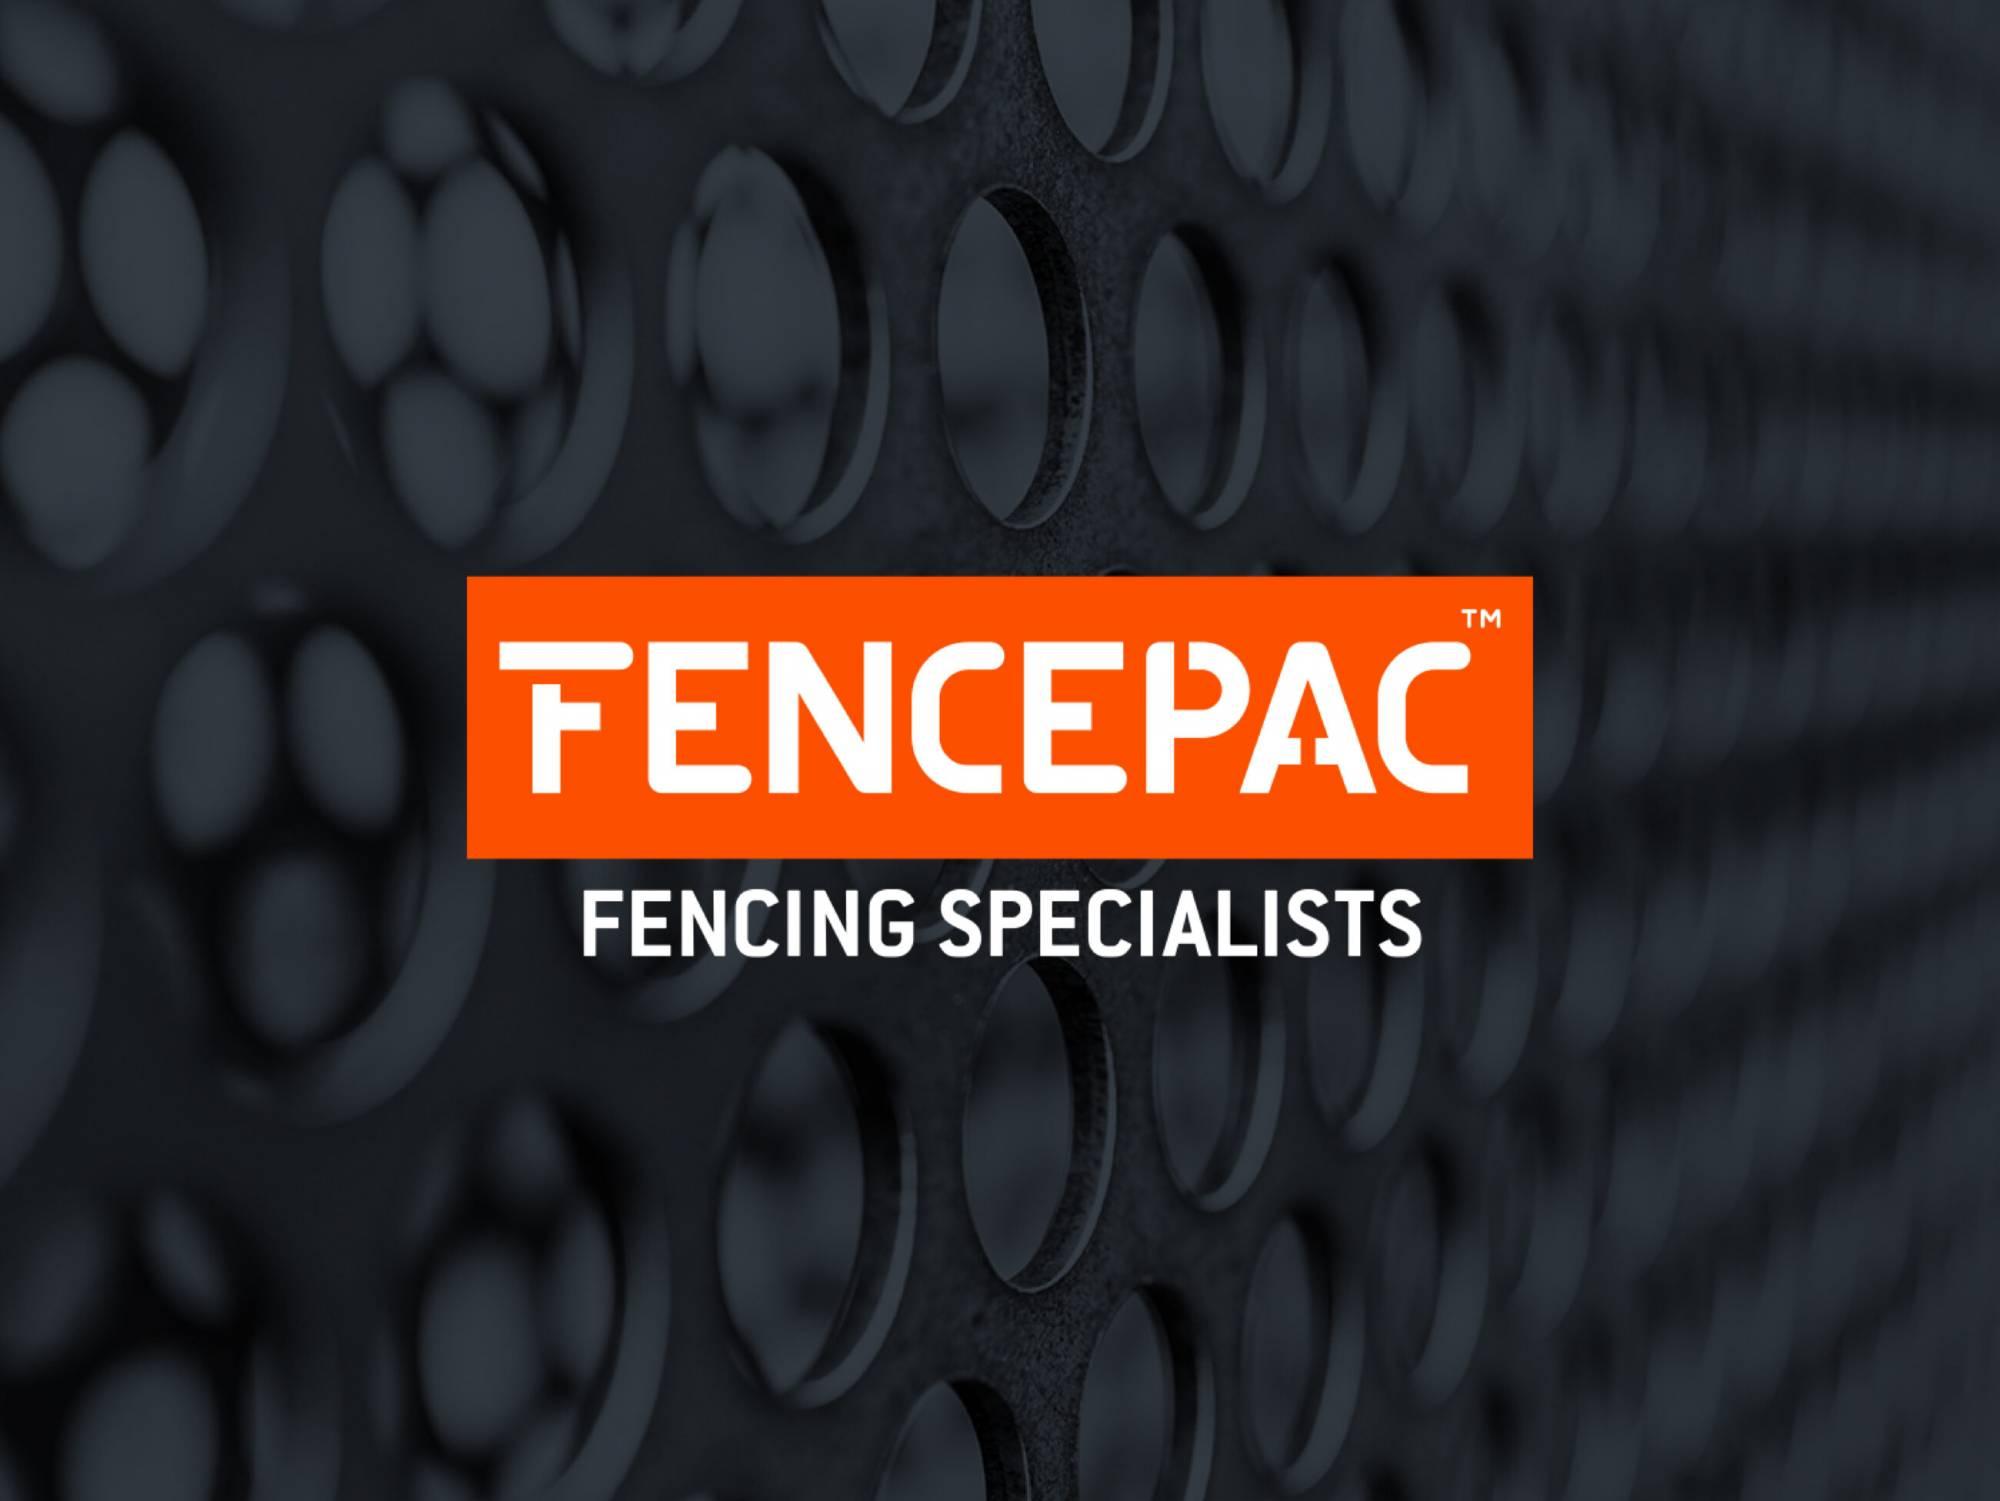 Fencepac - Branding example